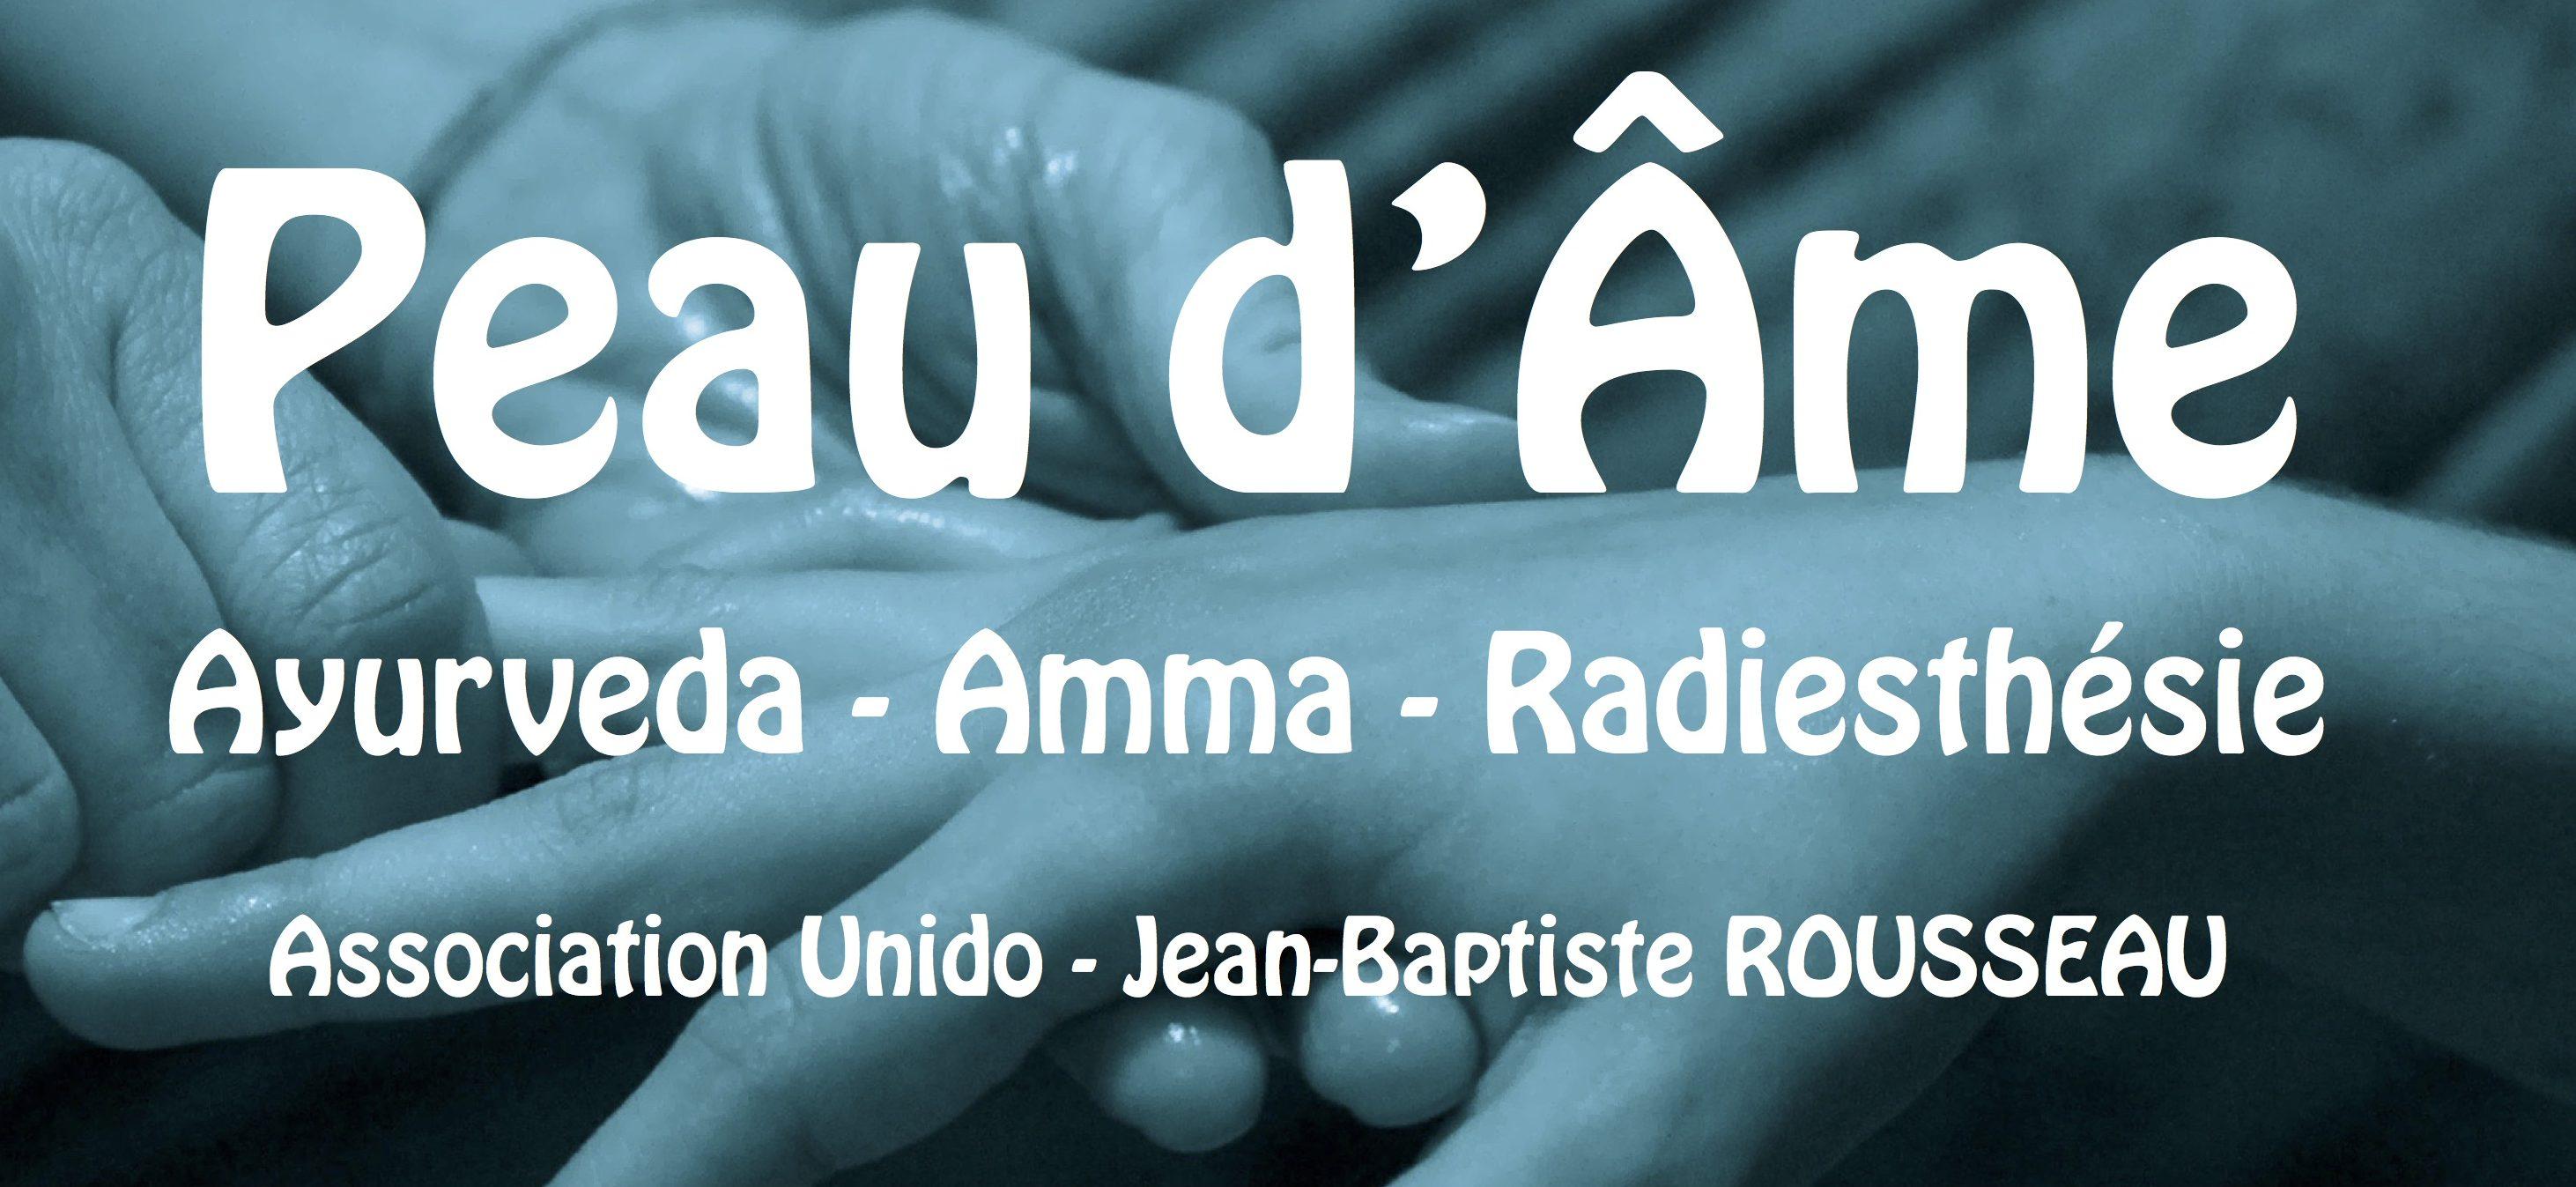 Association Unido – Jean-Baptiste Rousseau